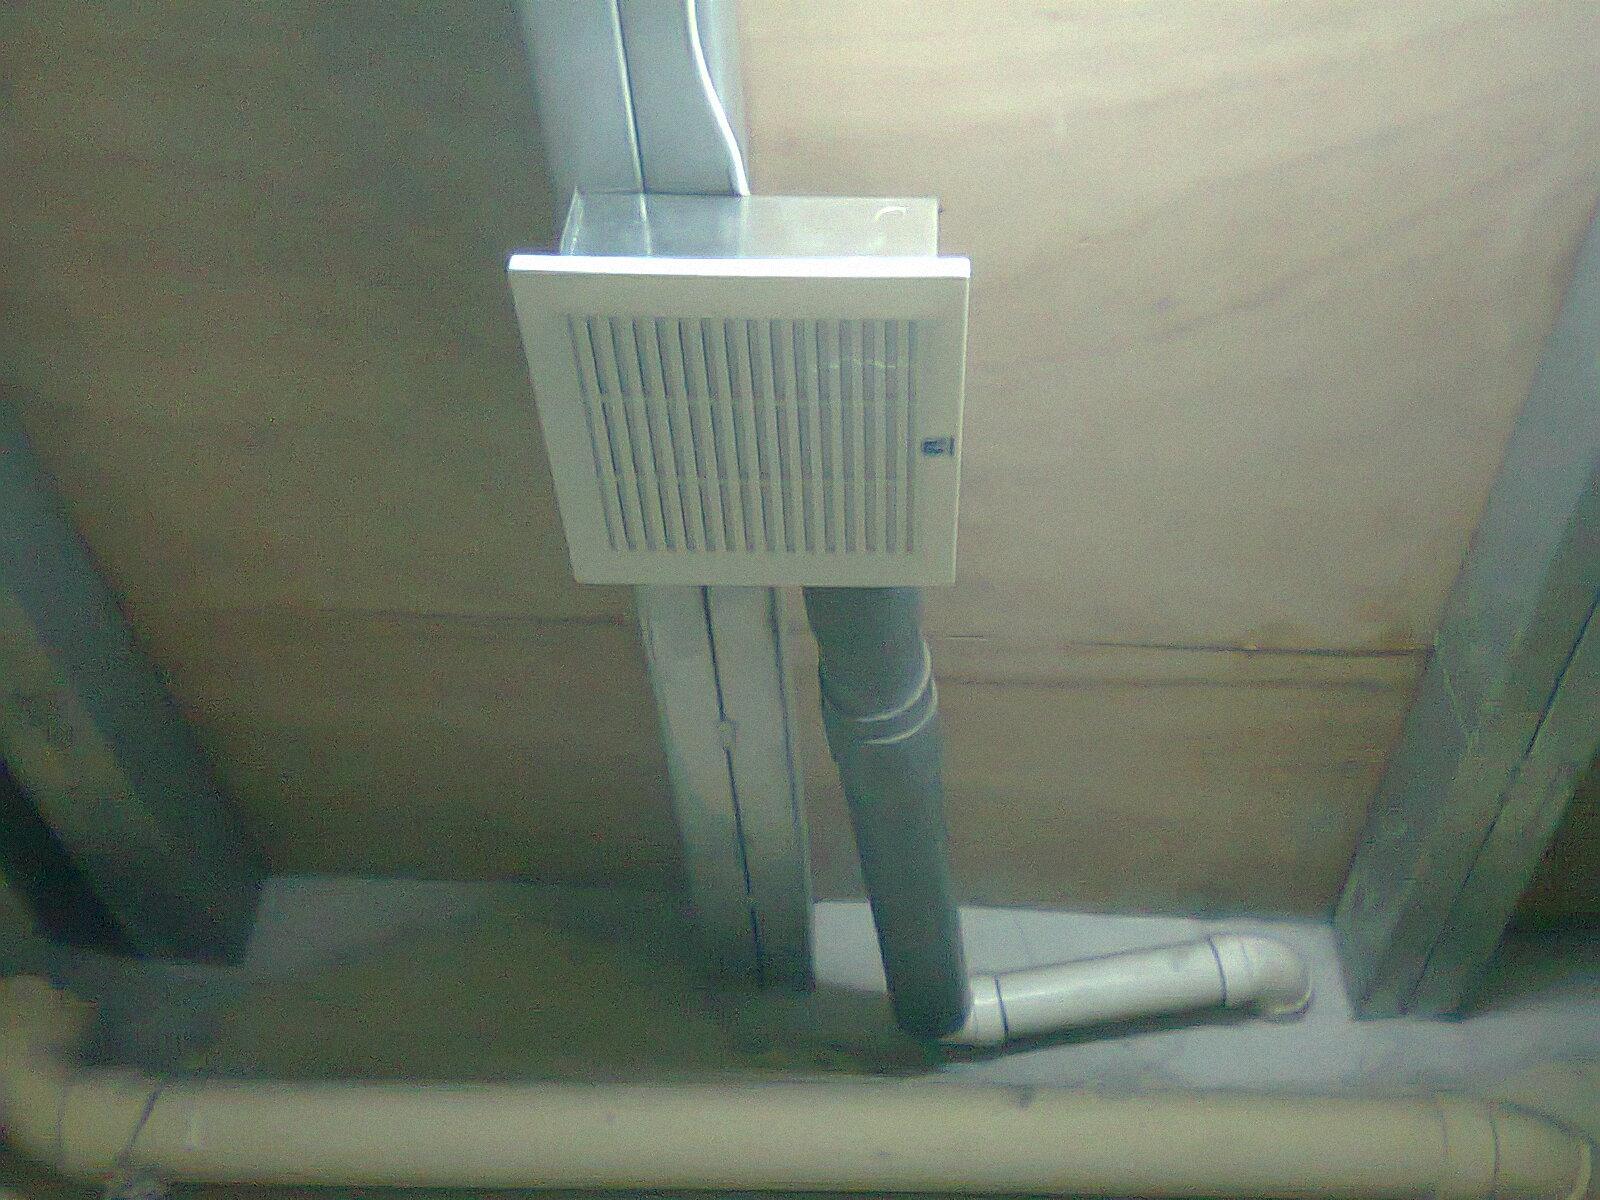 Seged extractor de olores en sanitario - Extractor de olores para bano ...